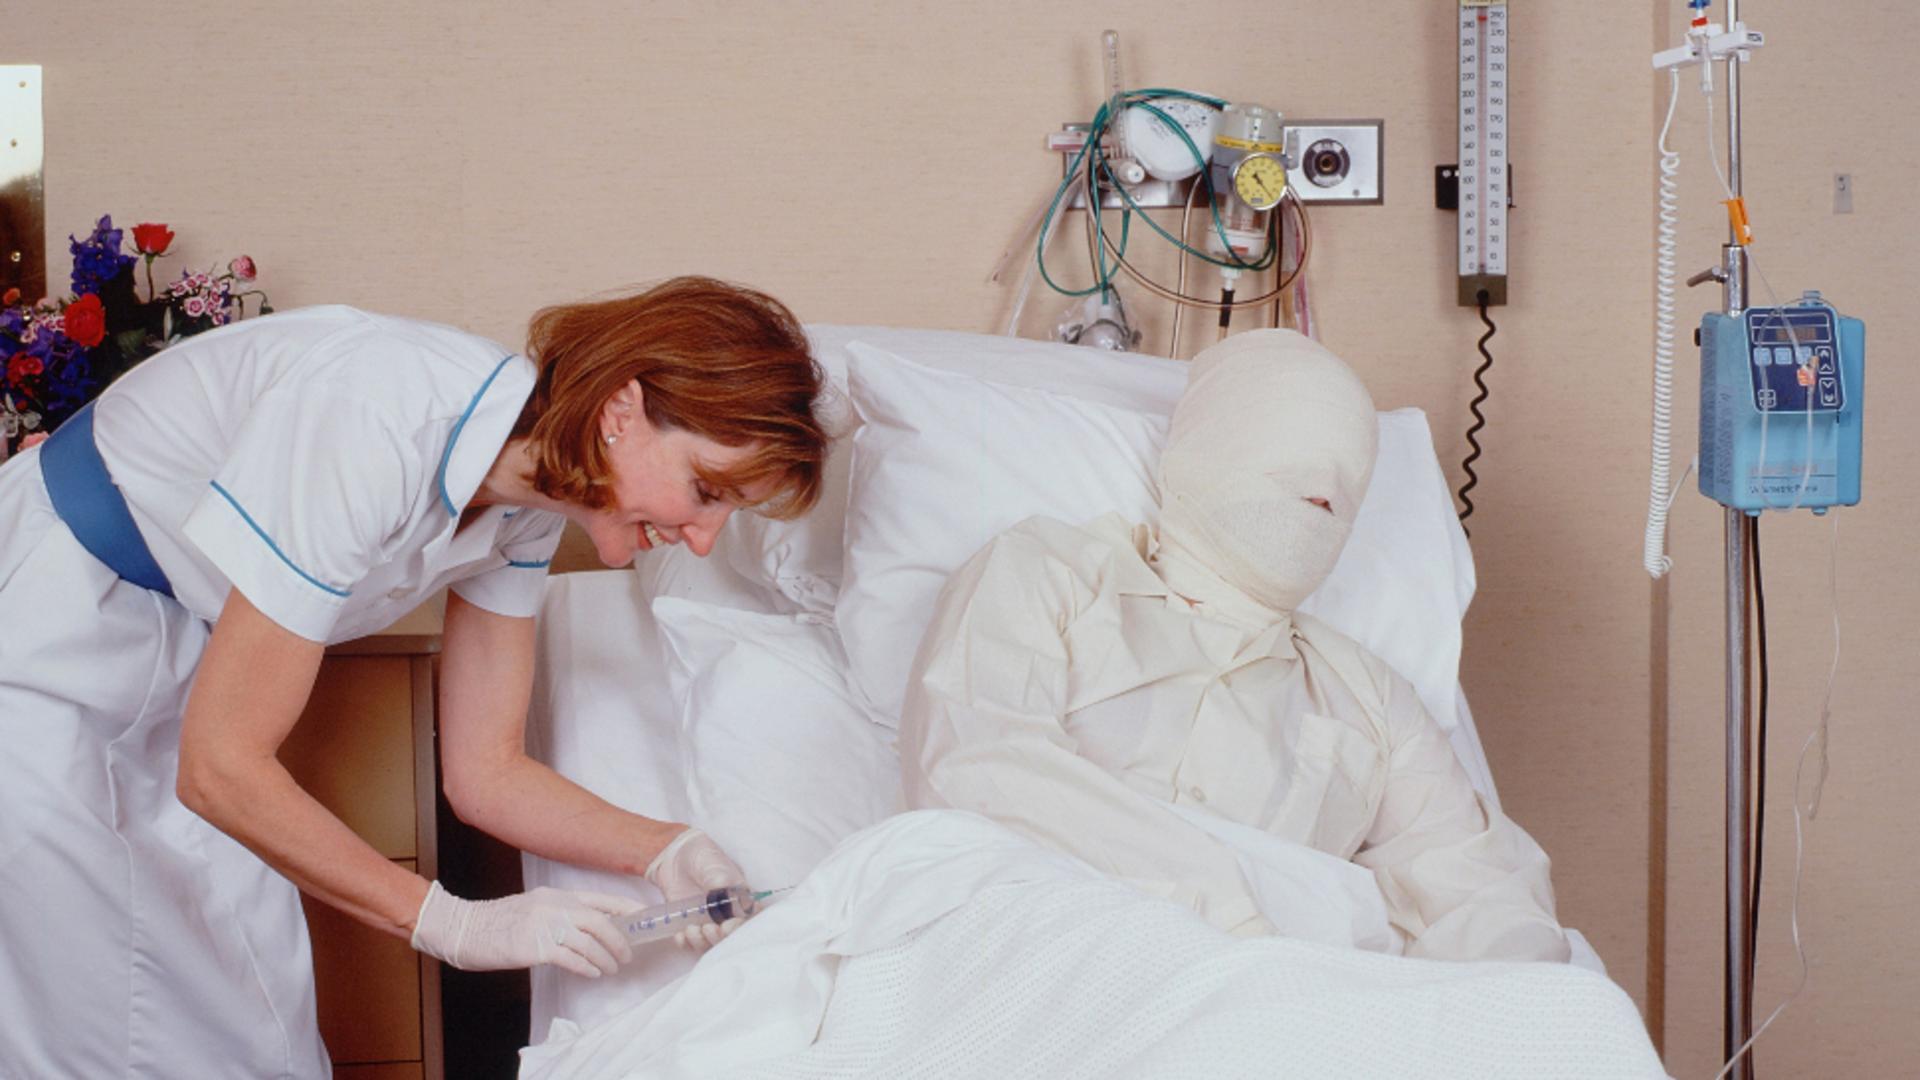 Pacienții cu arsuri, concediu medical pe toată perioada tratamentului și recuperării. Foto/Profimedia